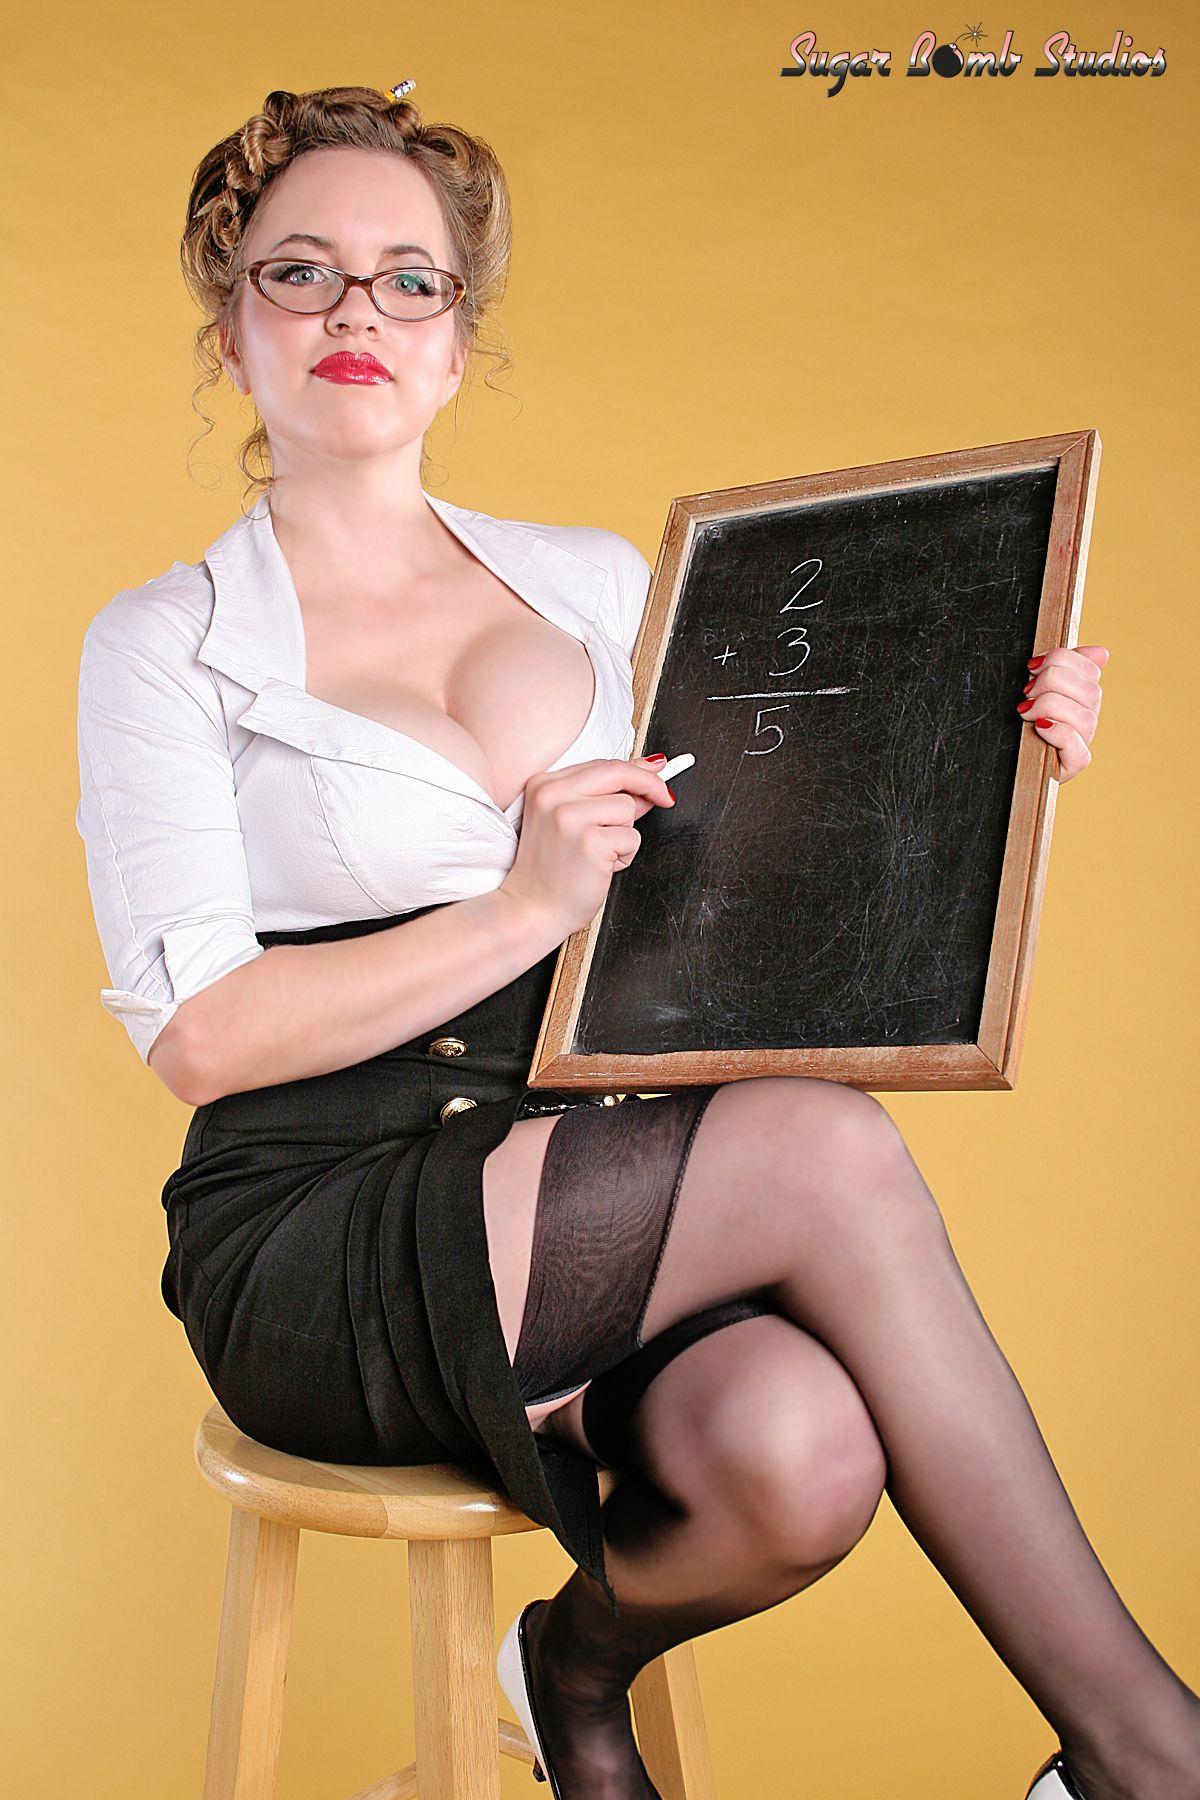 teacher pin up girl